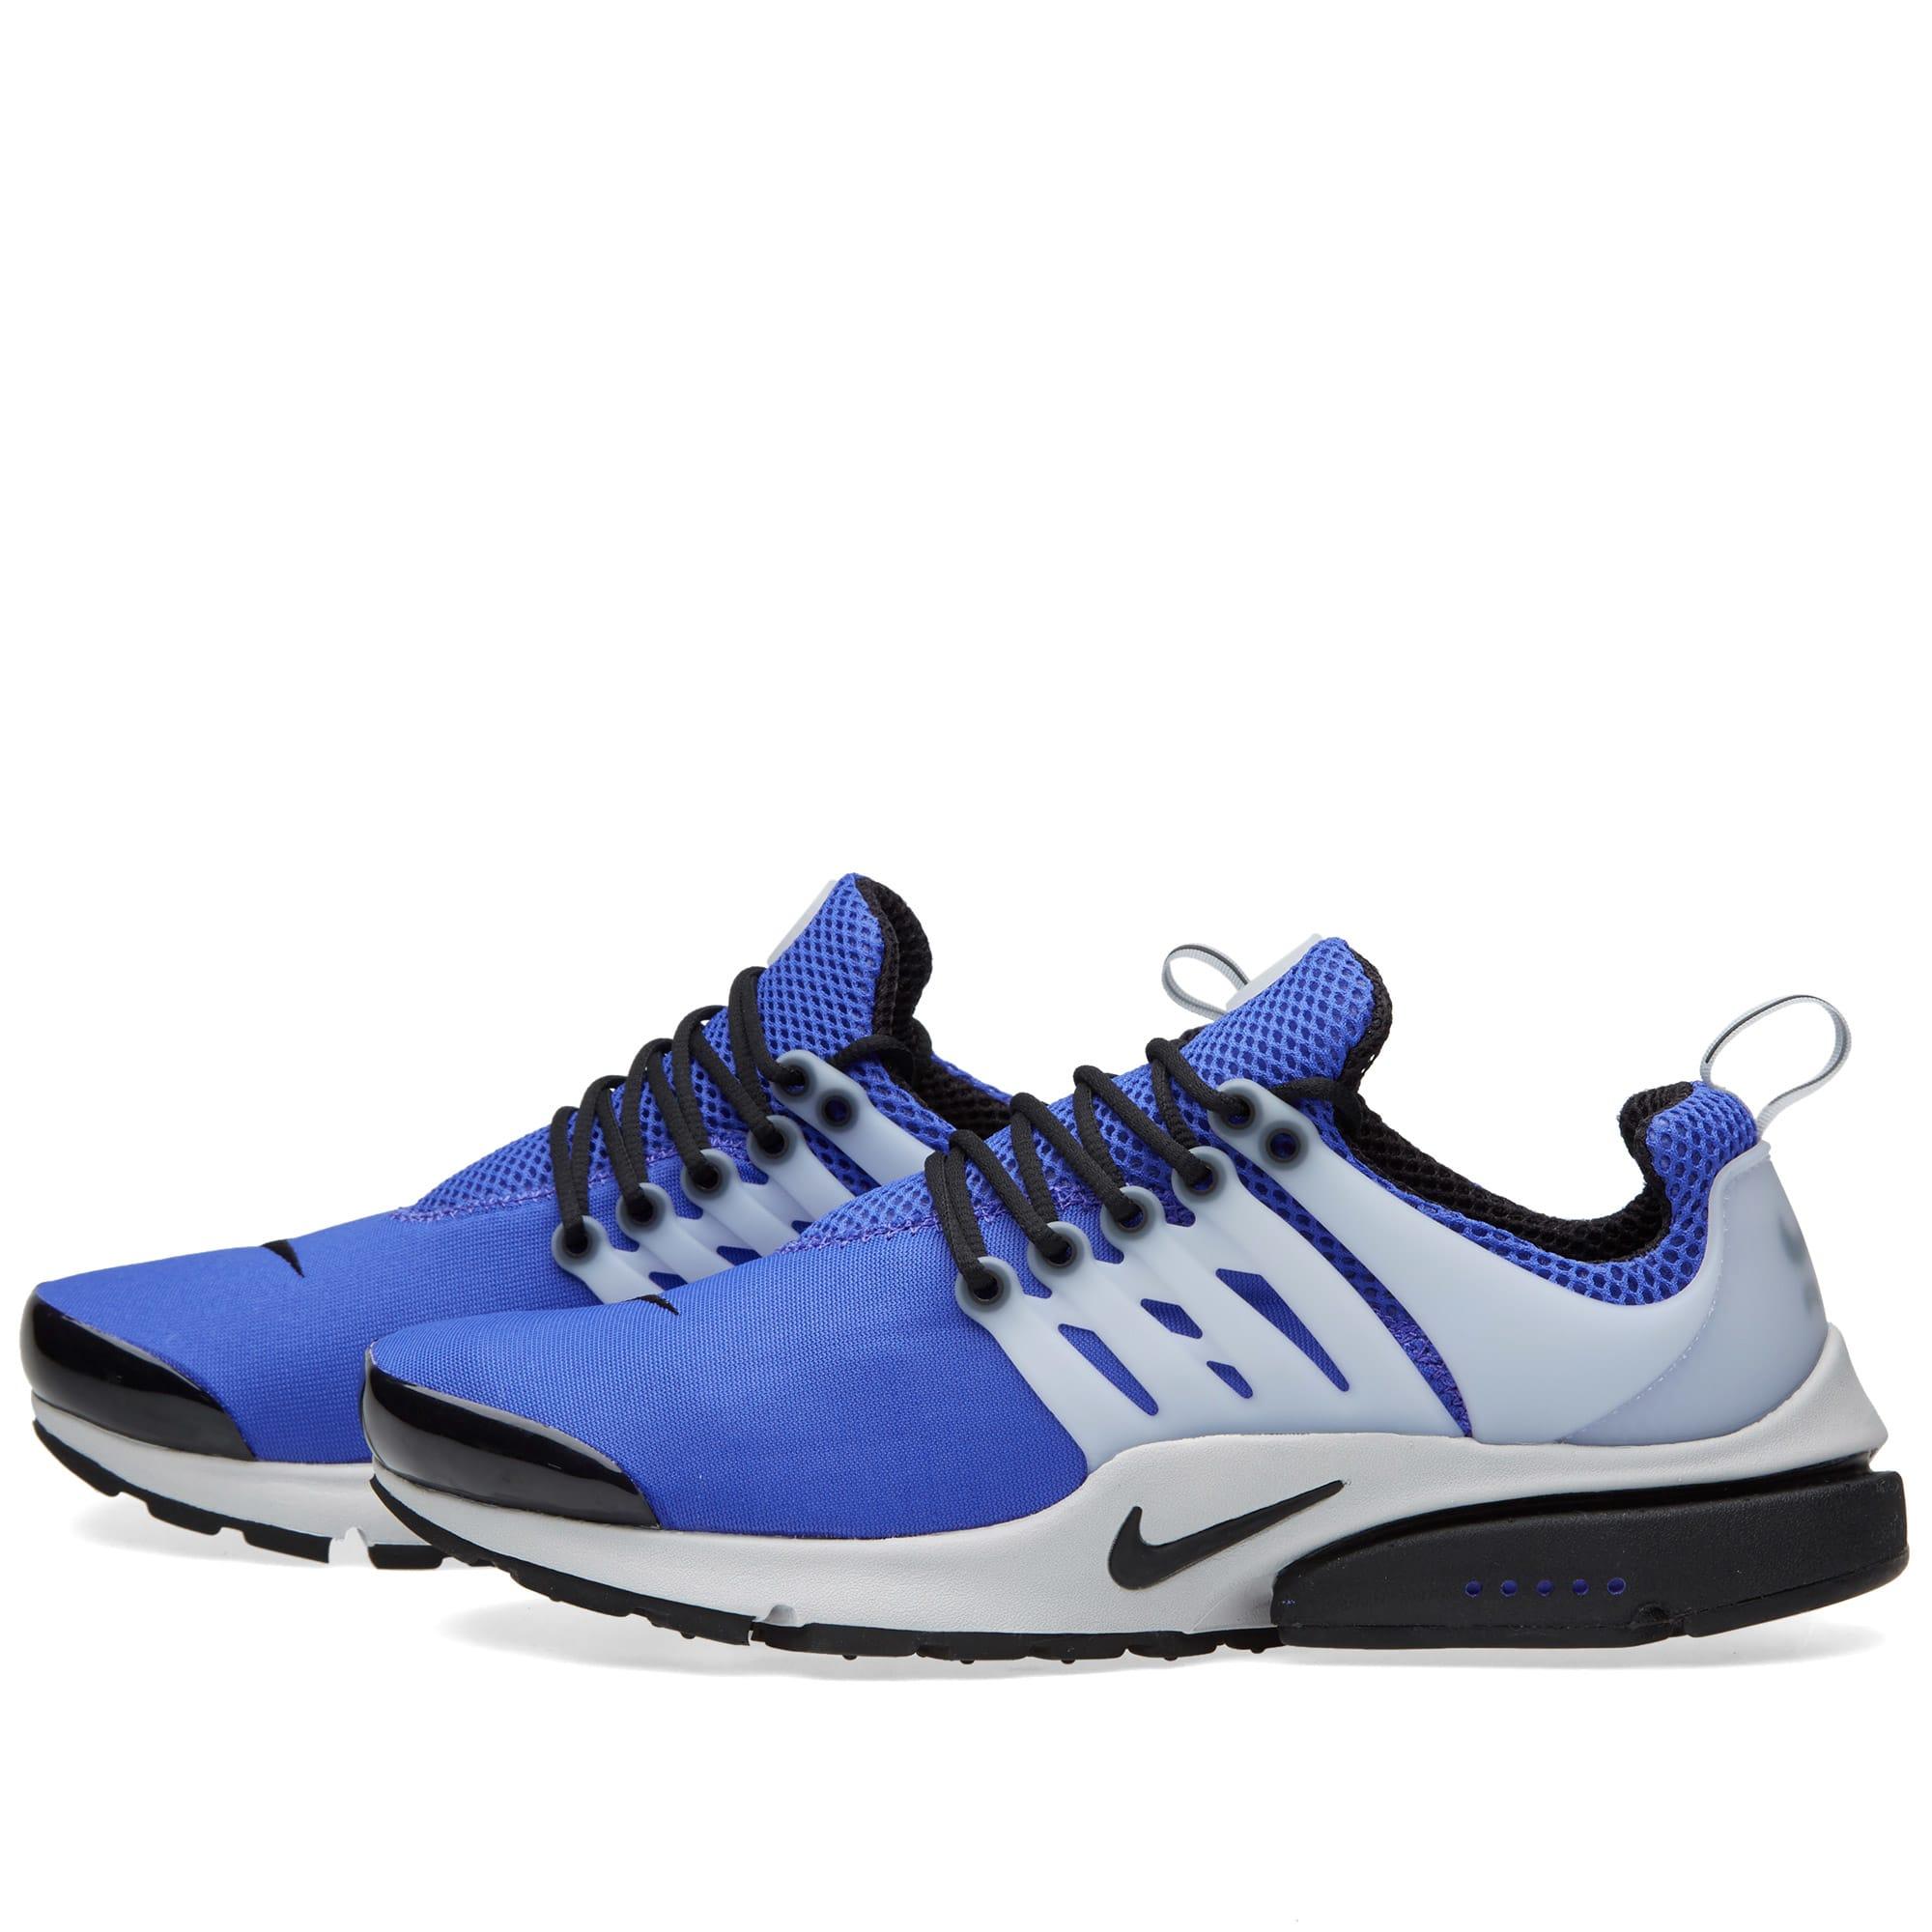 size 40 54d09 af45f Nike Air Presto Persian Violet, Black & White | END.